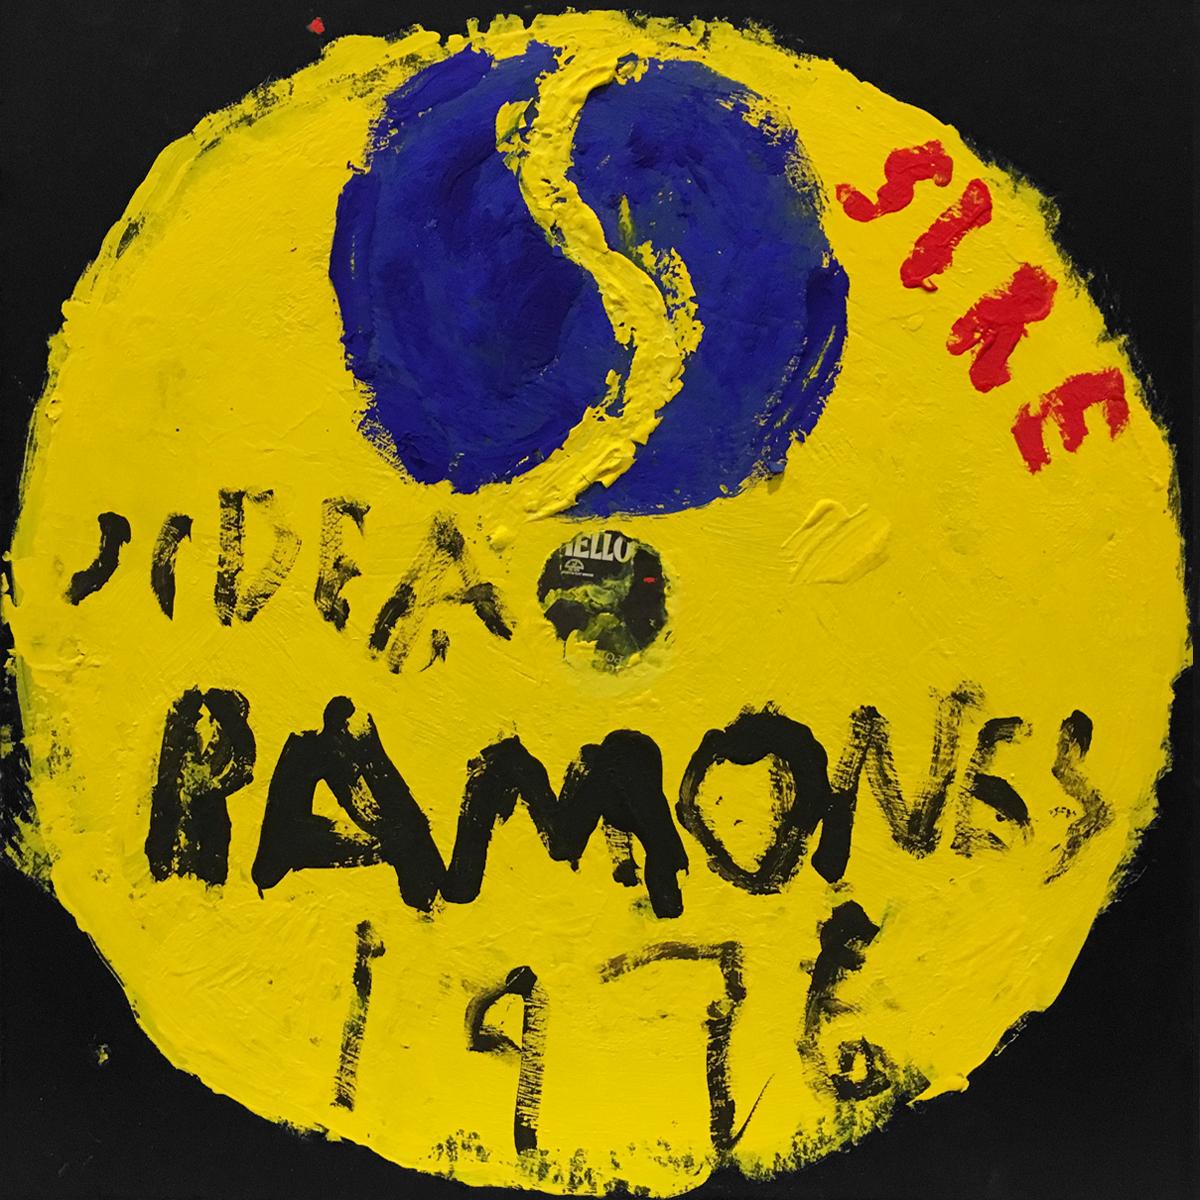 Ramones #2